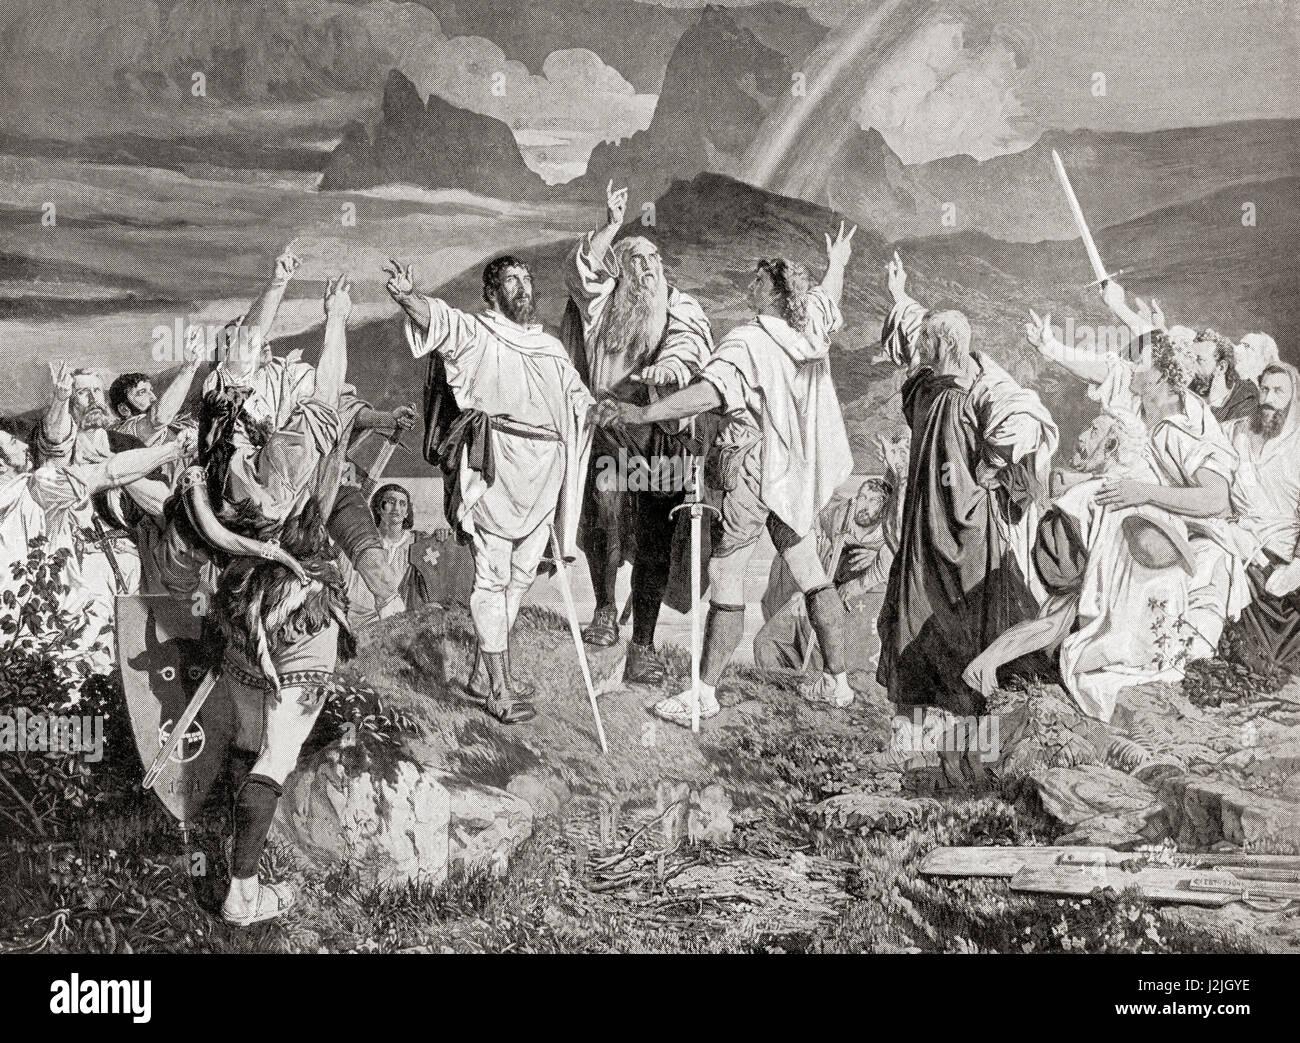 Der Rütlischwur, einem legendären Schwur der alten Eidgenossenschaft, aufgenommen auf dem Rütli, Stockbild